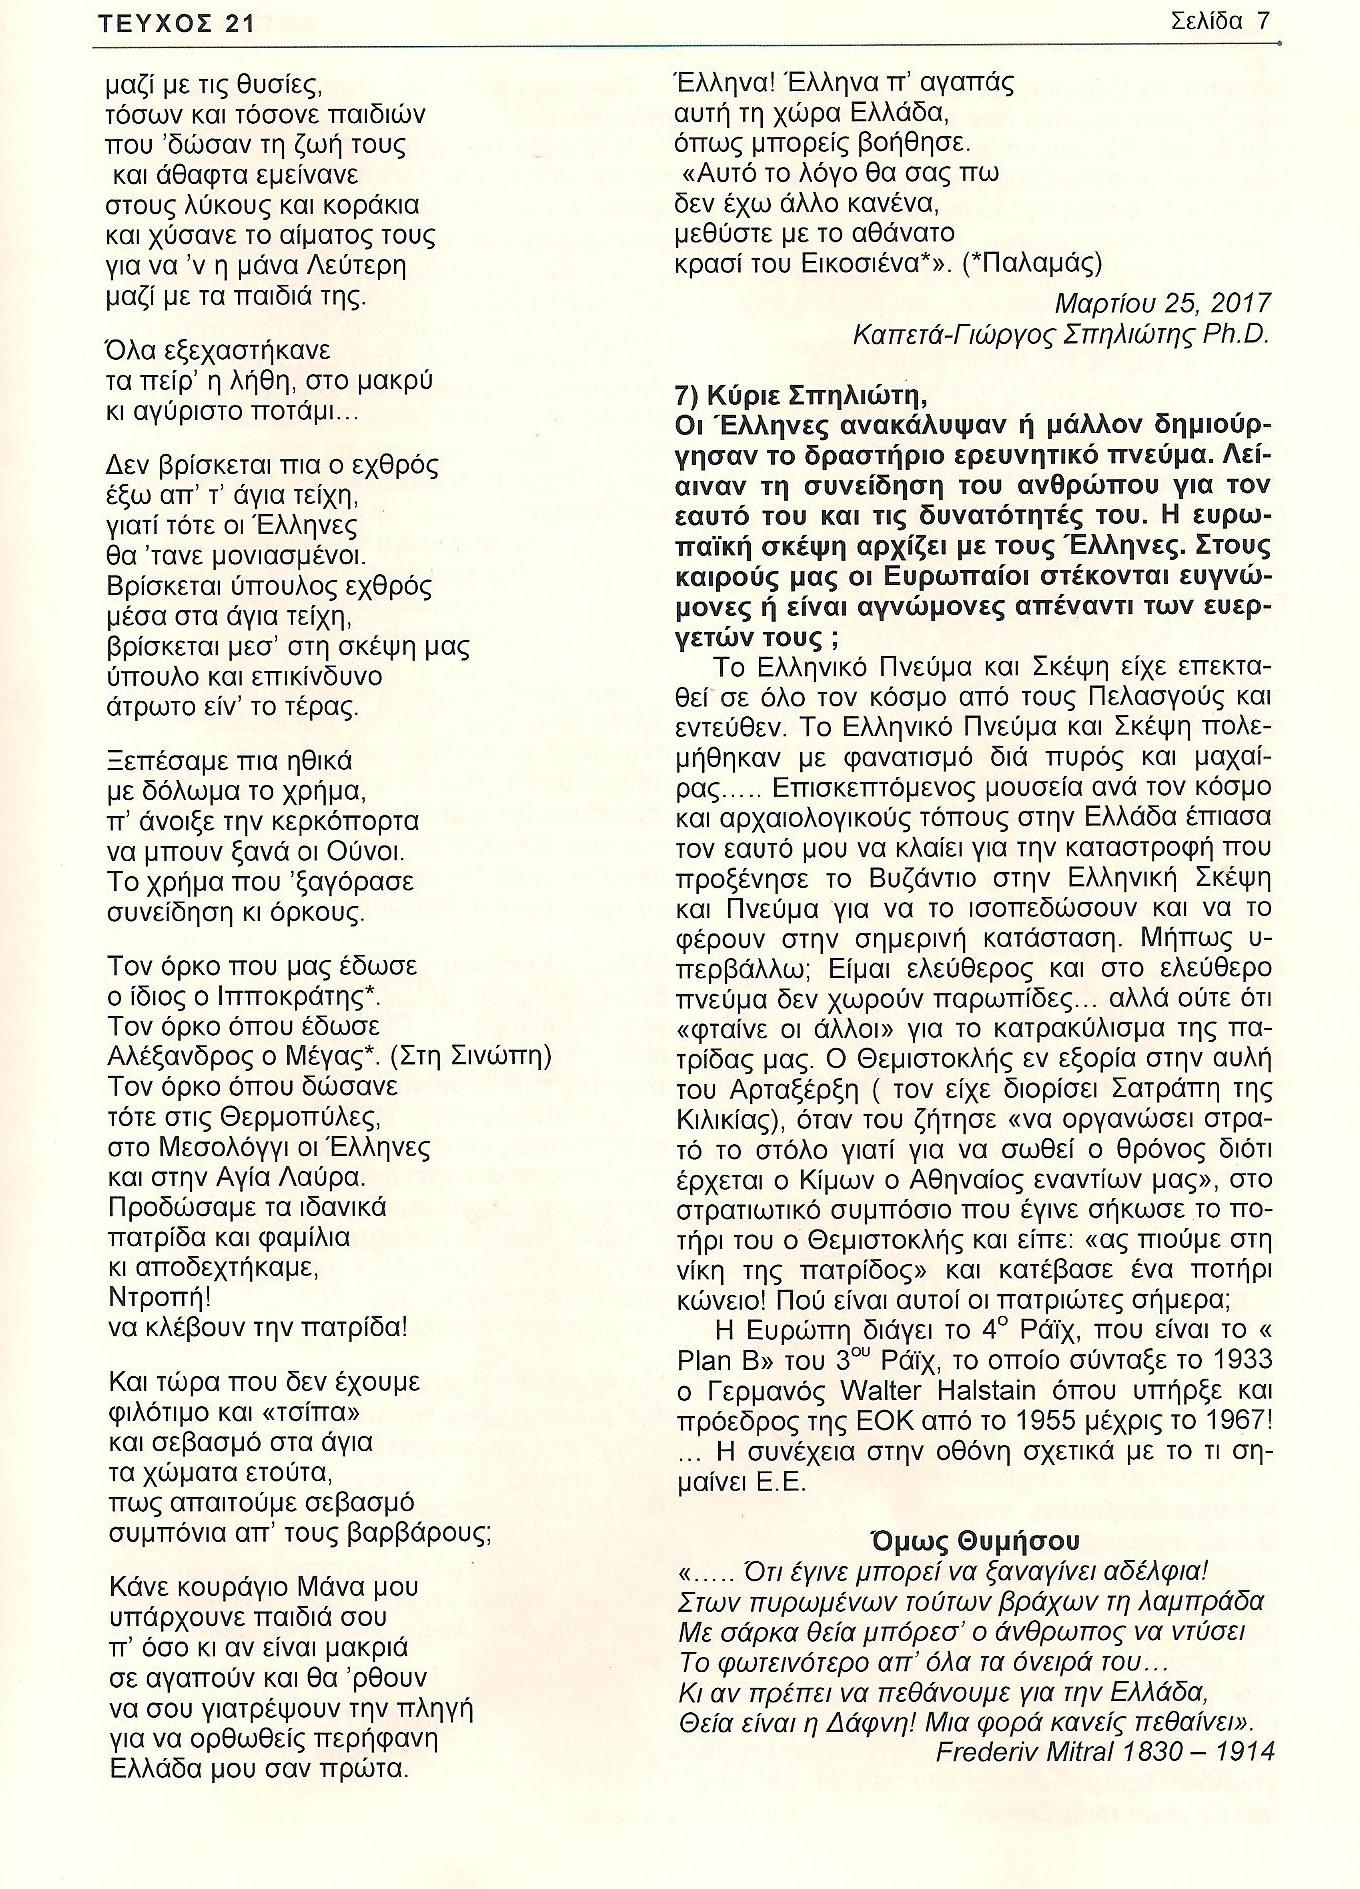 ΣΥΝΕΝΤΕΥΞΗ ΣΠΗΛΙΩΤΗ  ΣΤΟ  ΑΝΤΙΣΤΡΟΦΕΣ ΣΕΛ.5.jpg